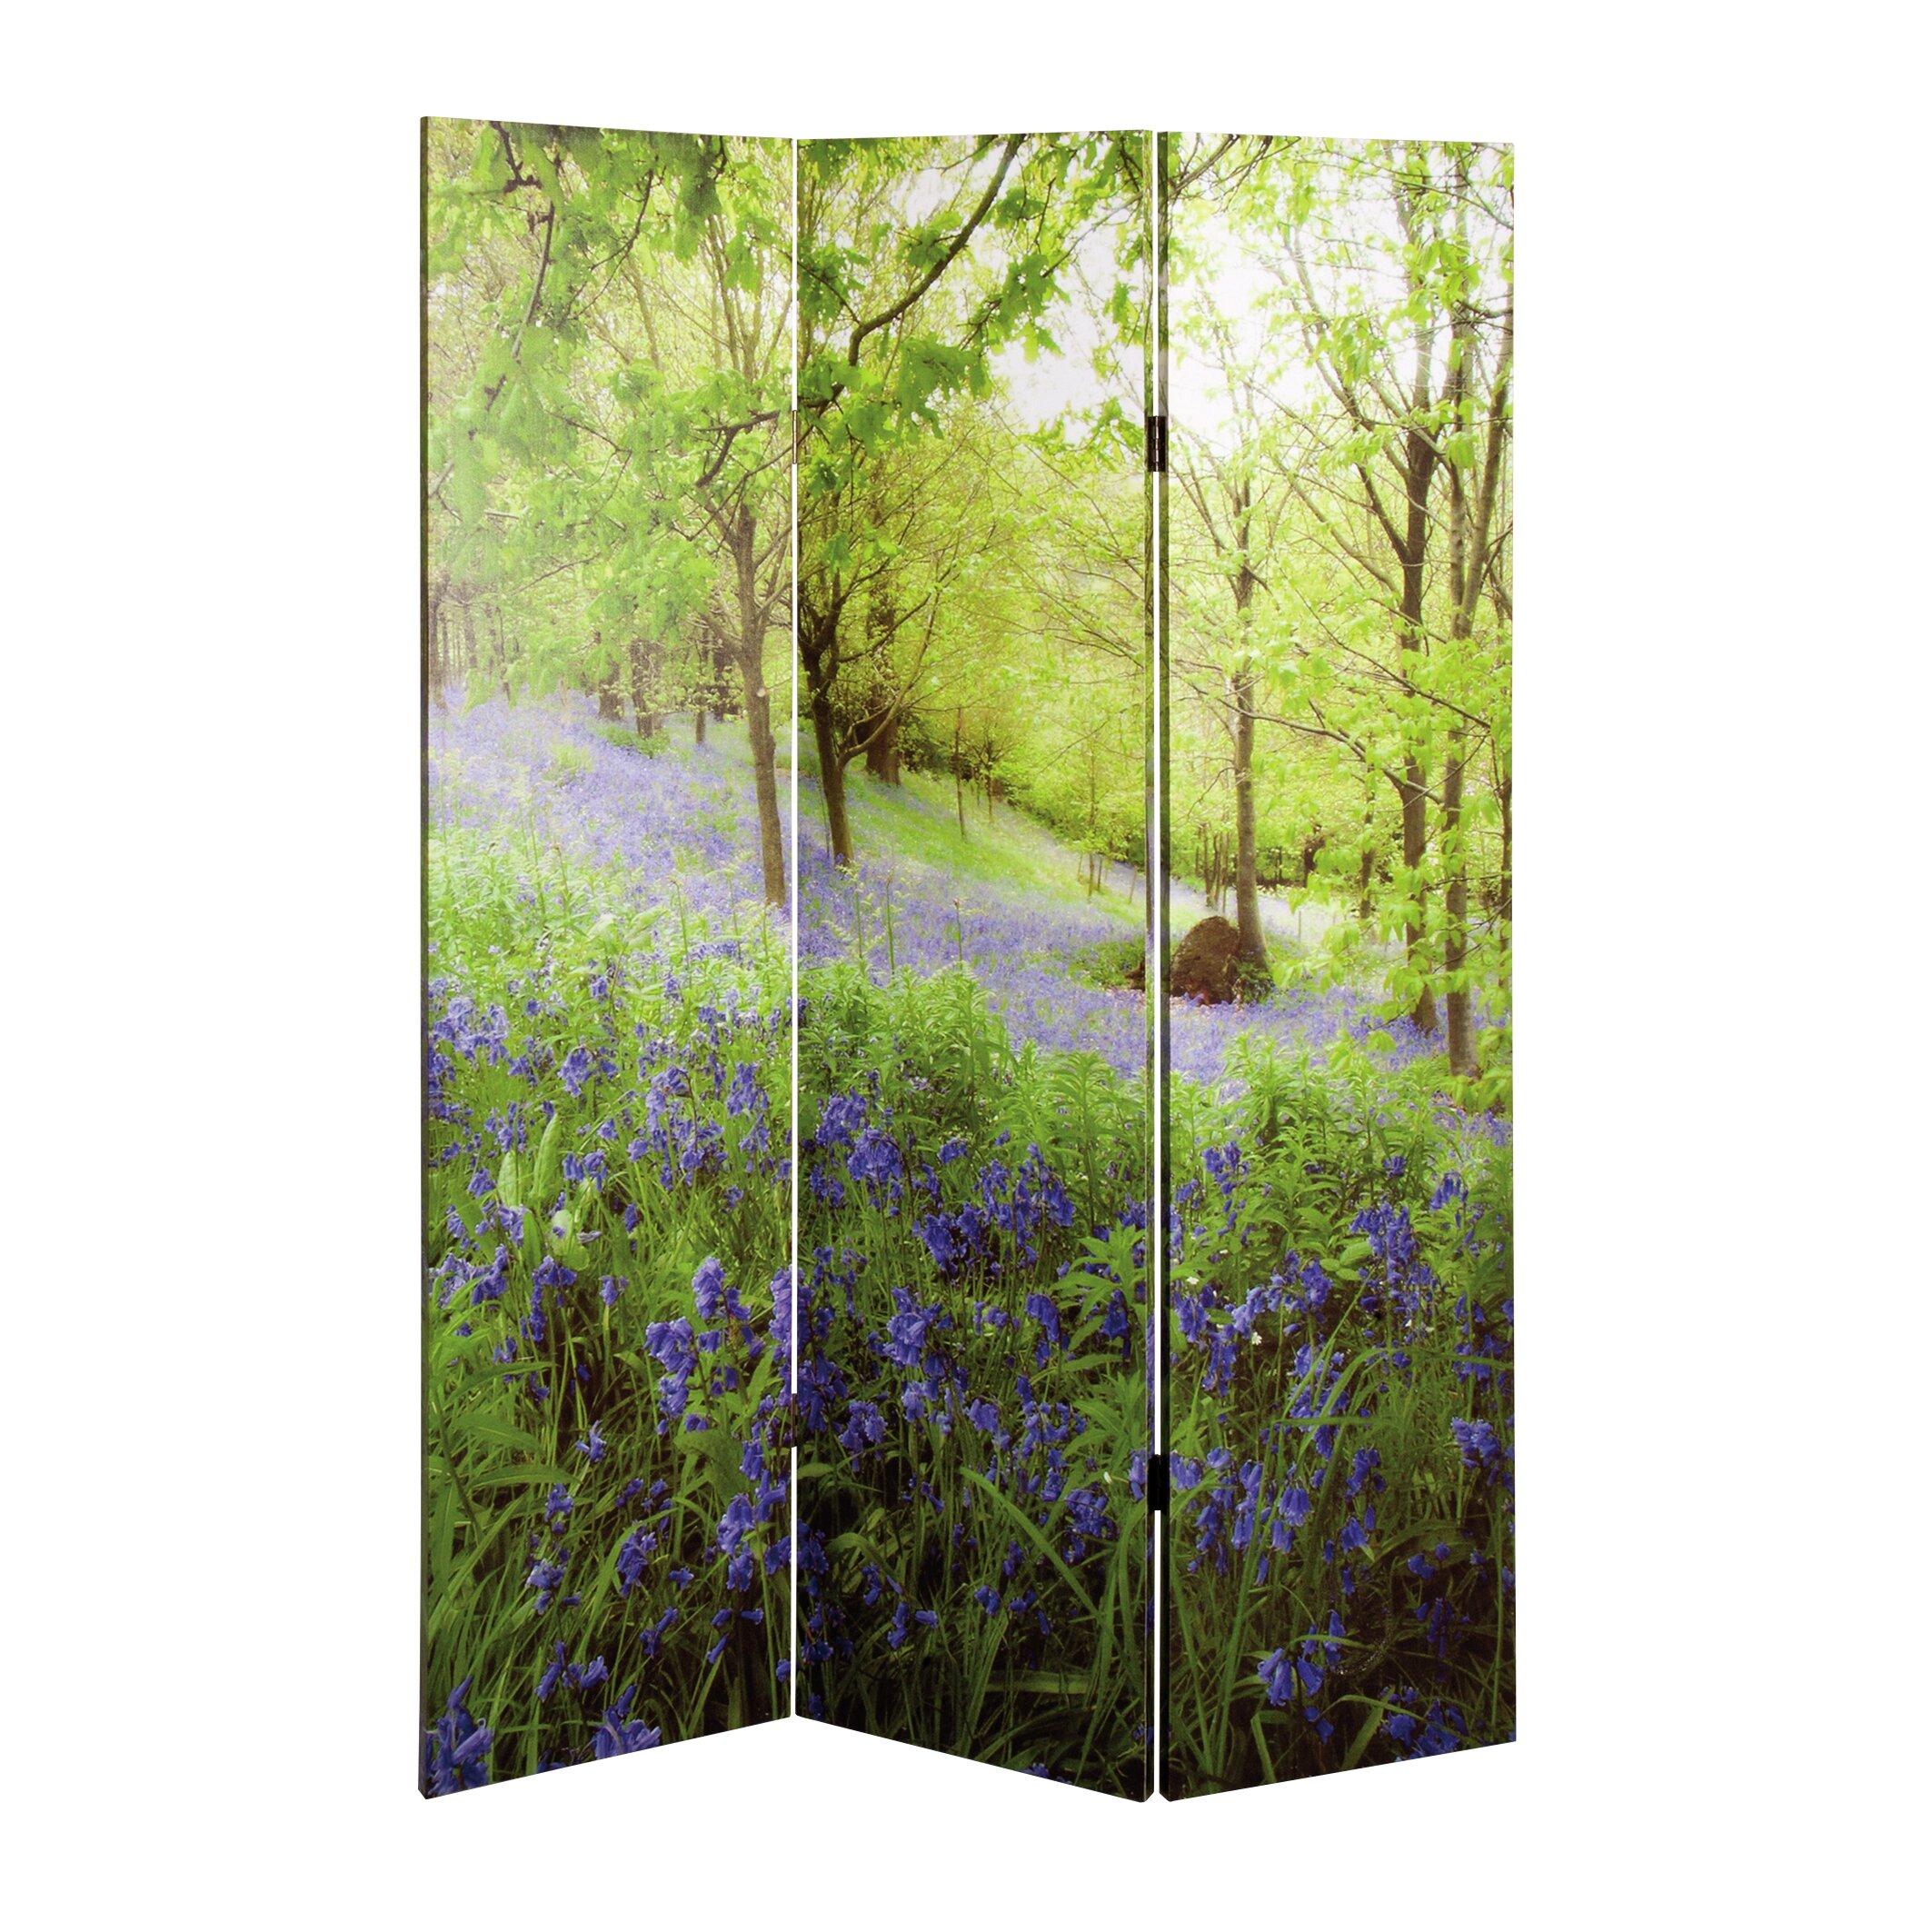 house additions 180cm x 120cm fruehling paravent 3 panel room divider reviews. Black Bedroom Furniture Sets. Home Design Ideas